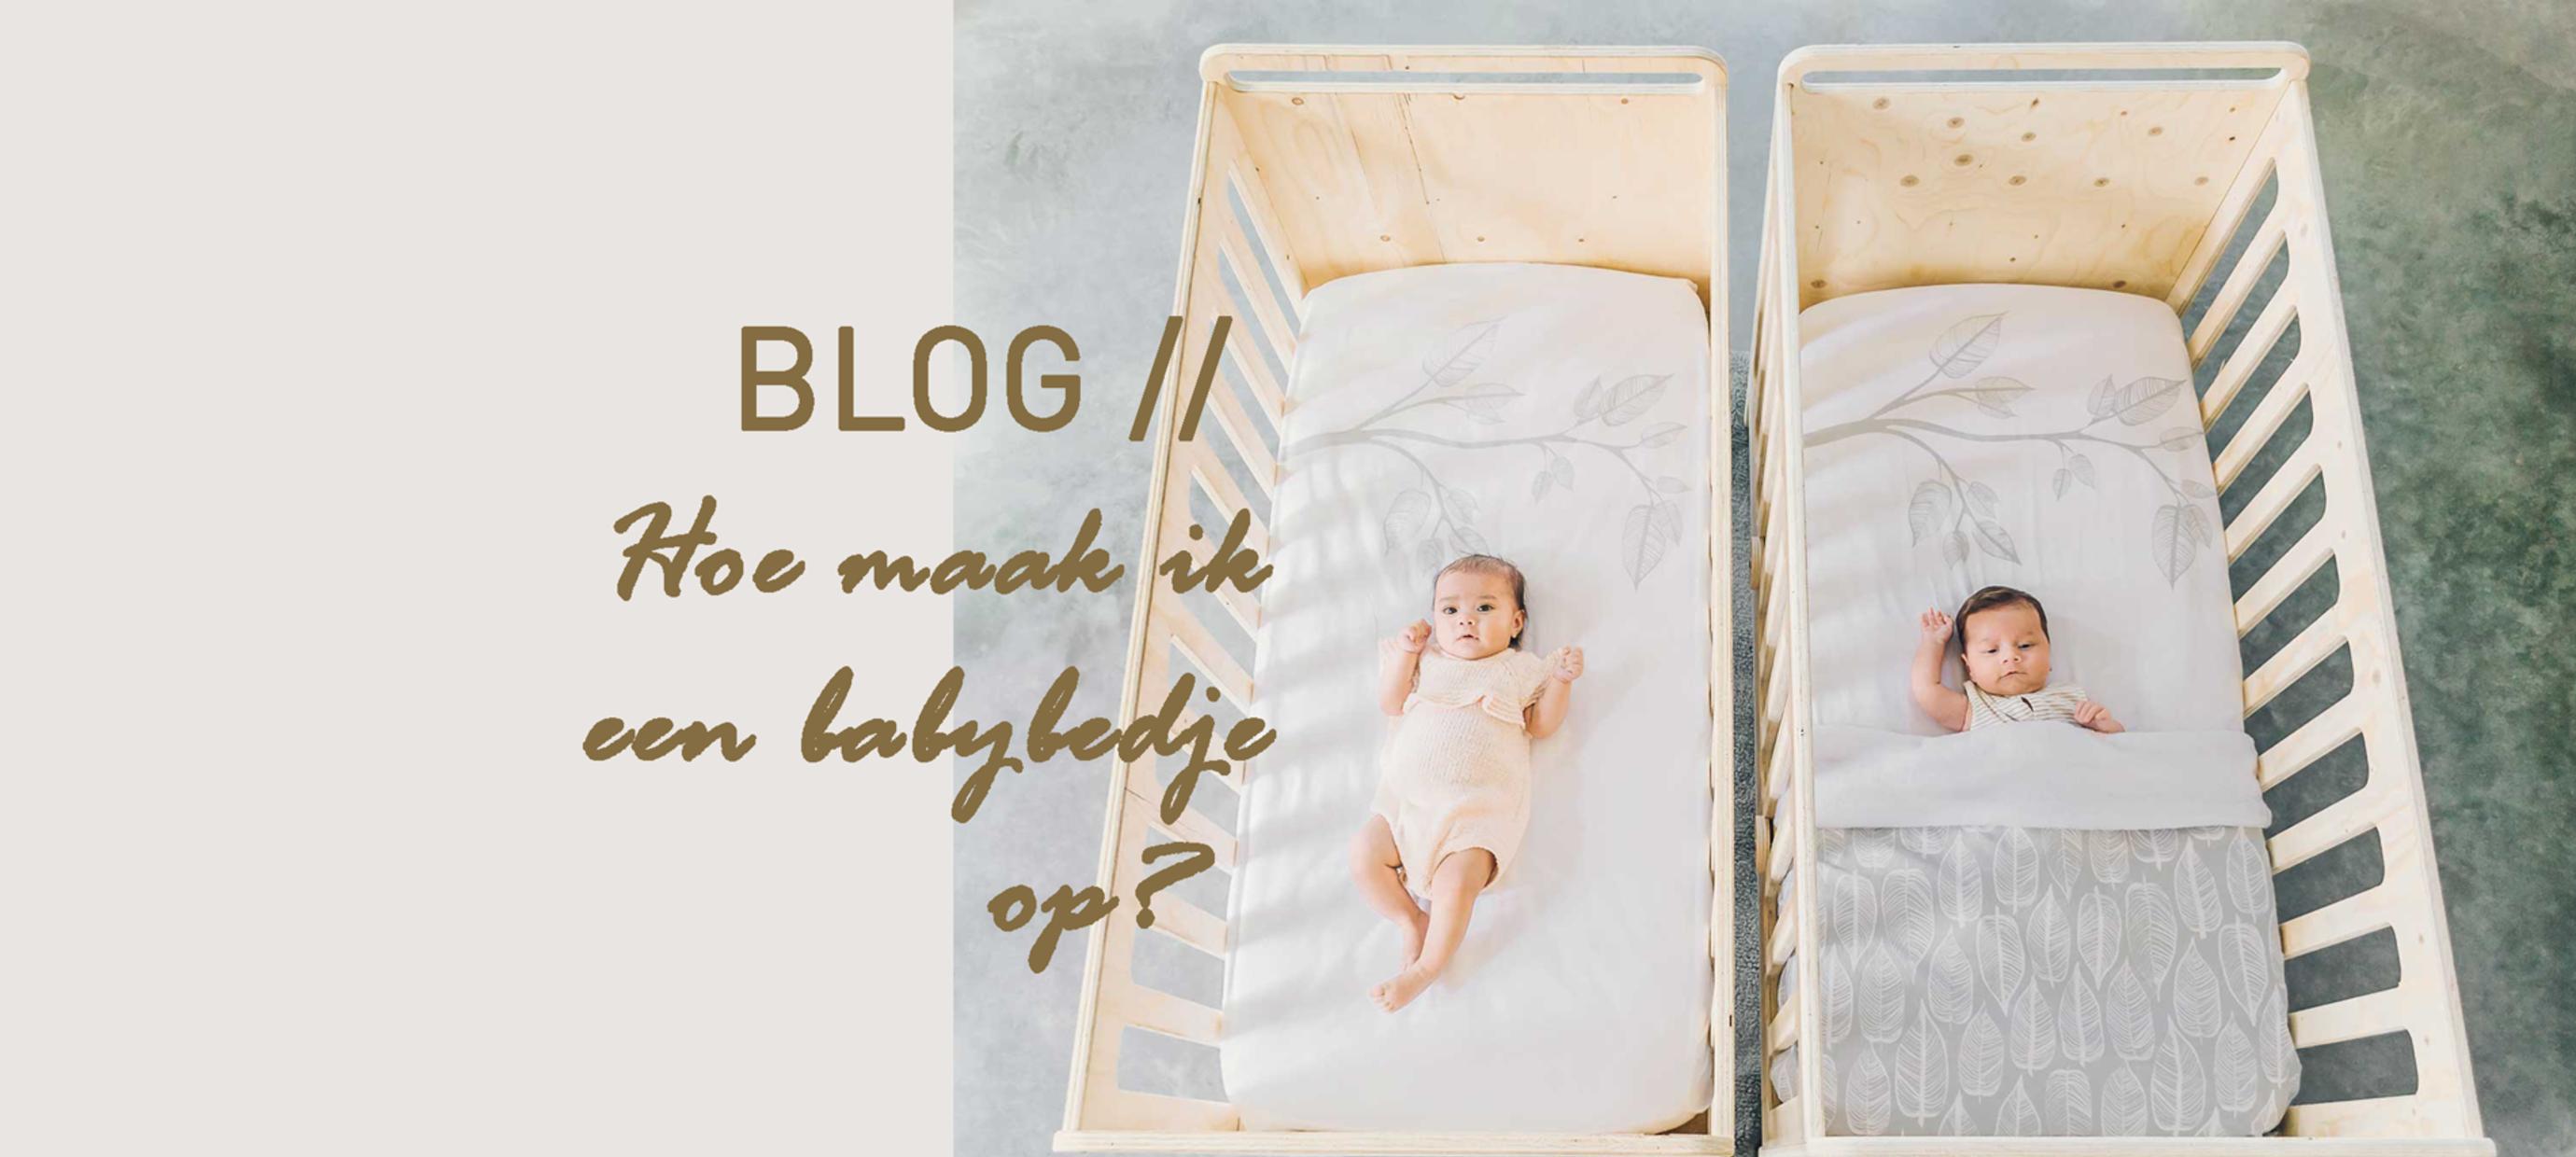 Help! Hoe maak ik een babybedje veilig op?